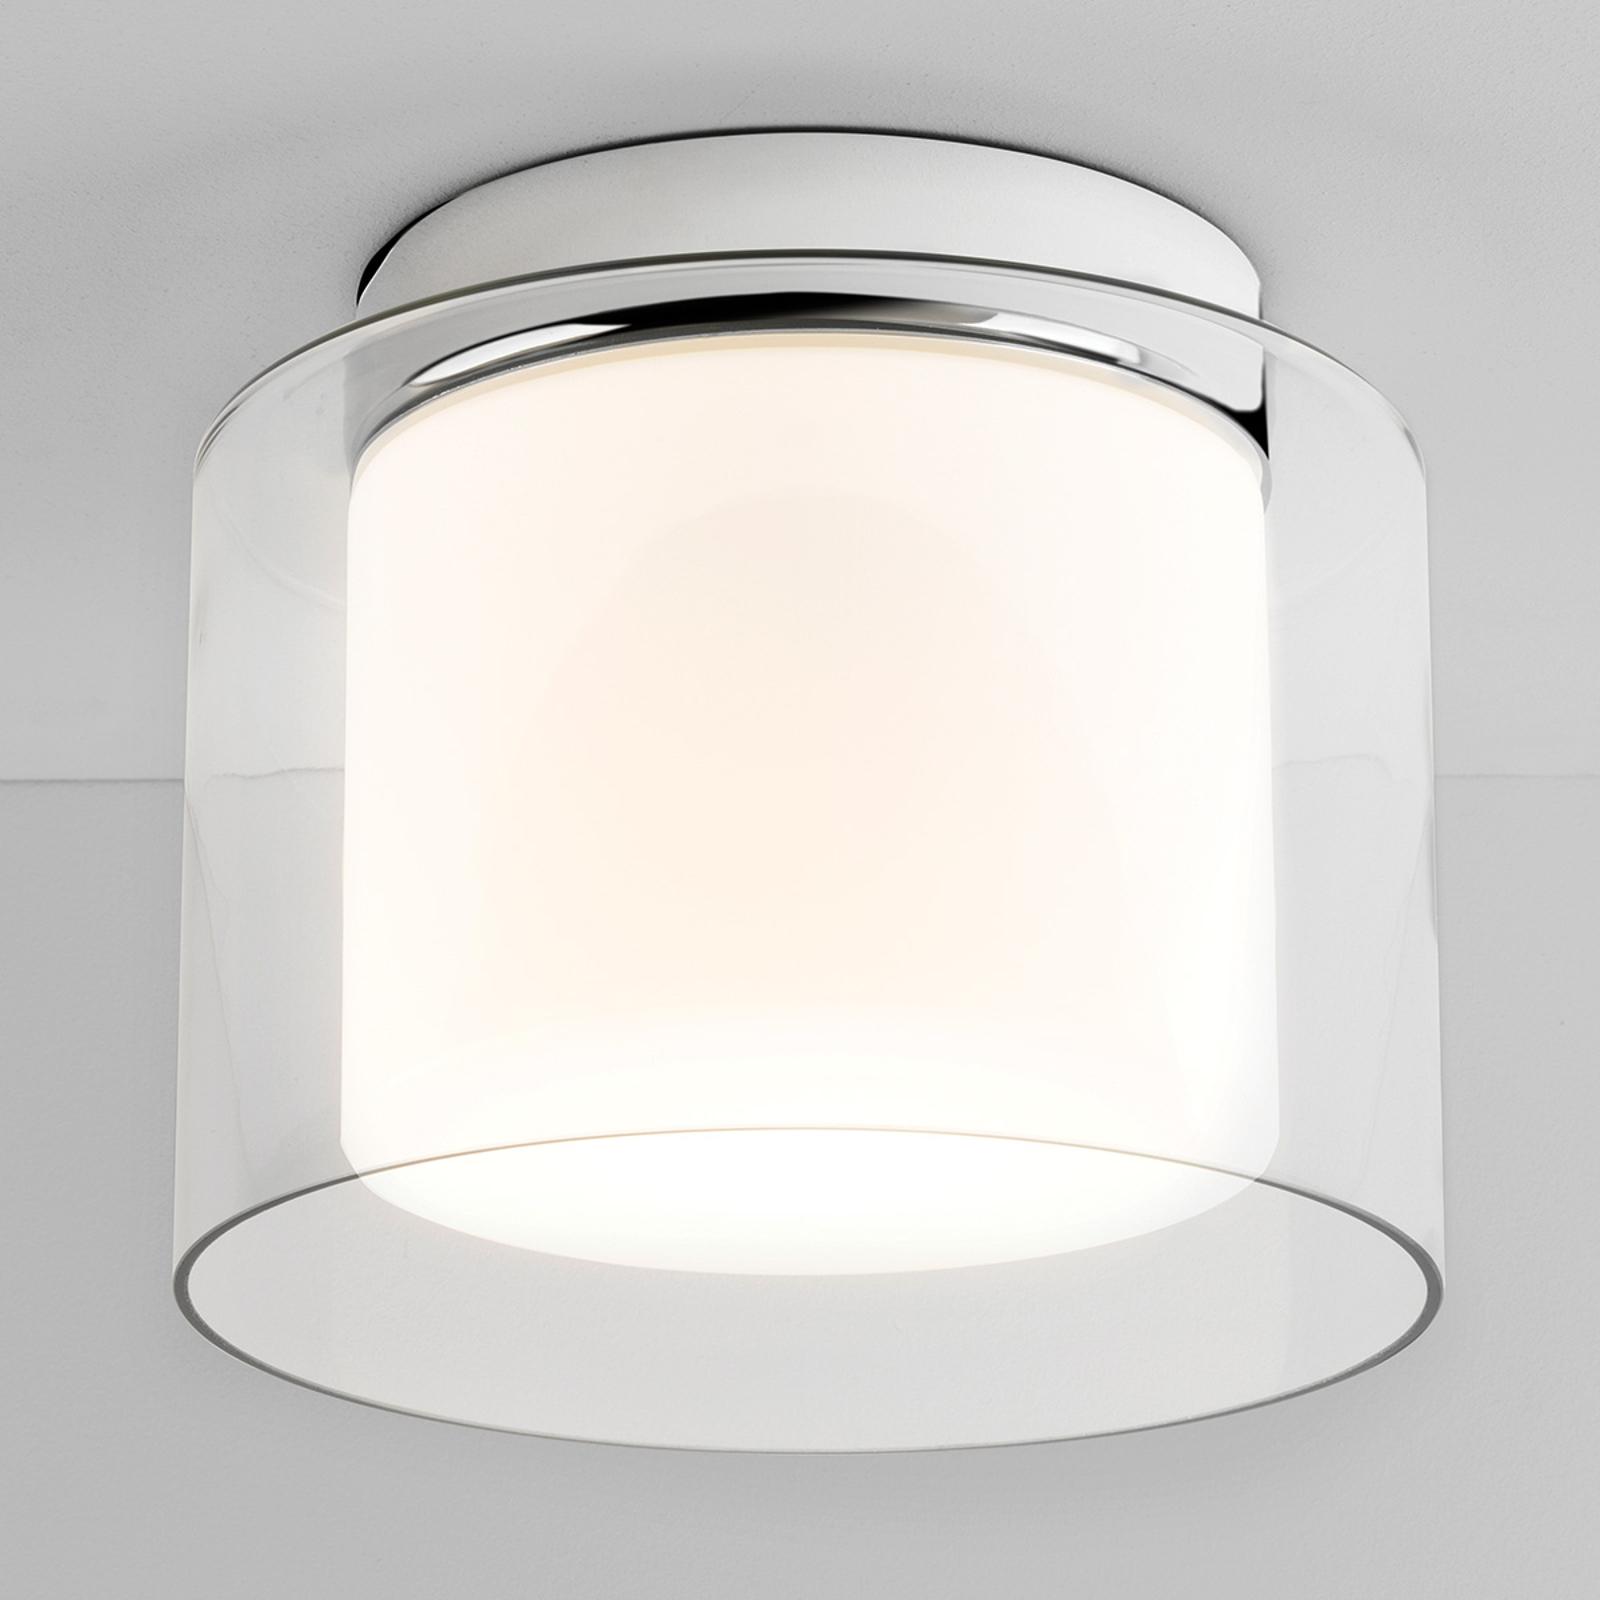 Astro Arezzo - stropní světlo, dvojité zasklení